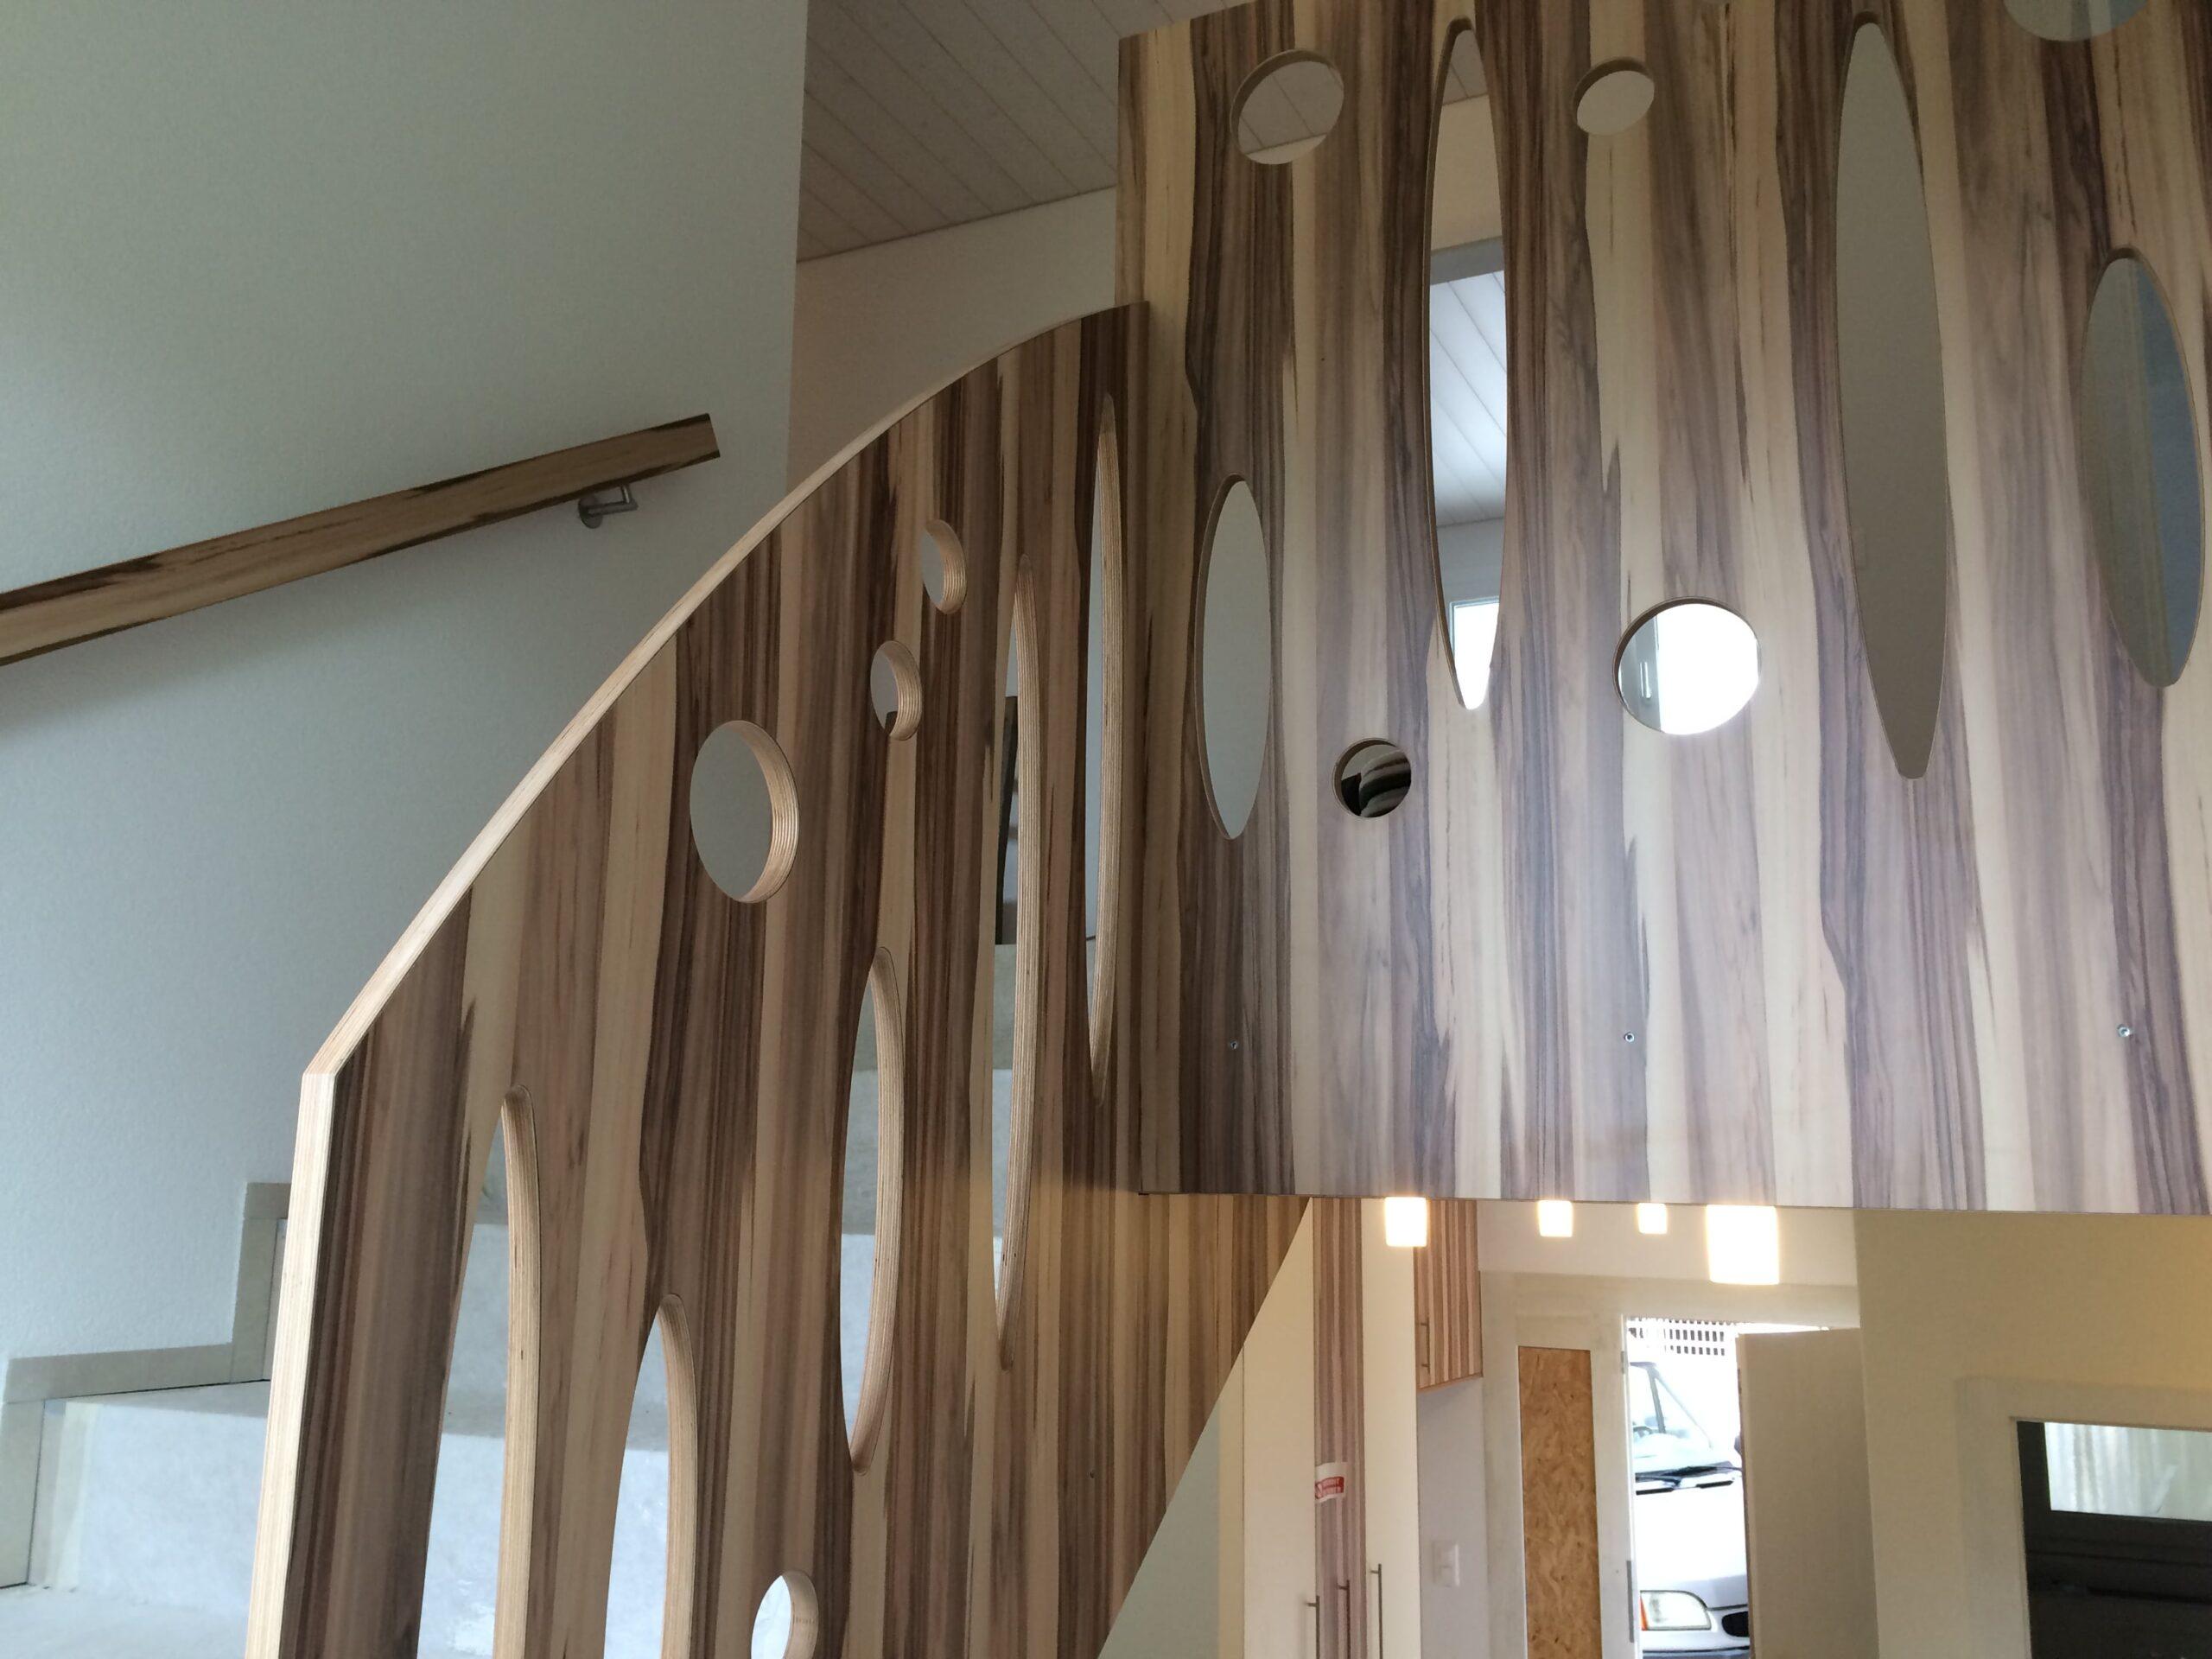 Wooddesign_Treppen_Teppengeländer__Treppenverkleidung_ovale runde Löcher (1)-min